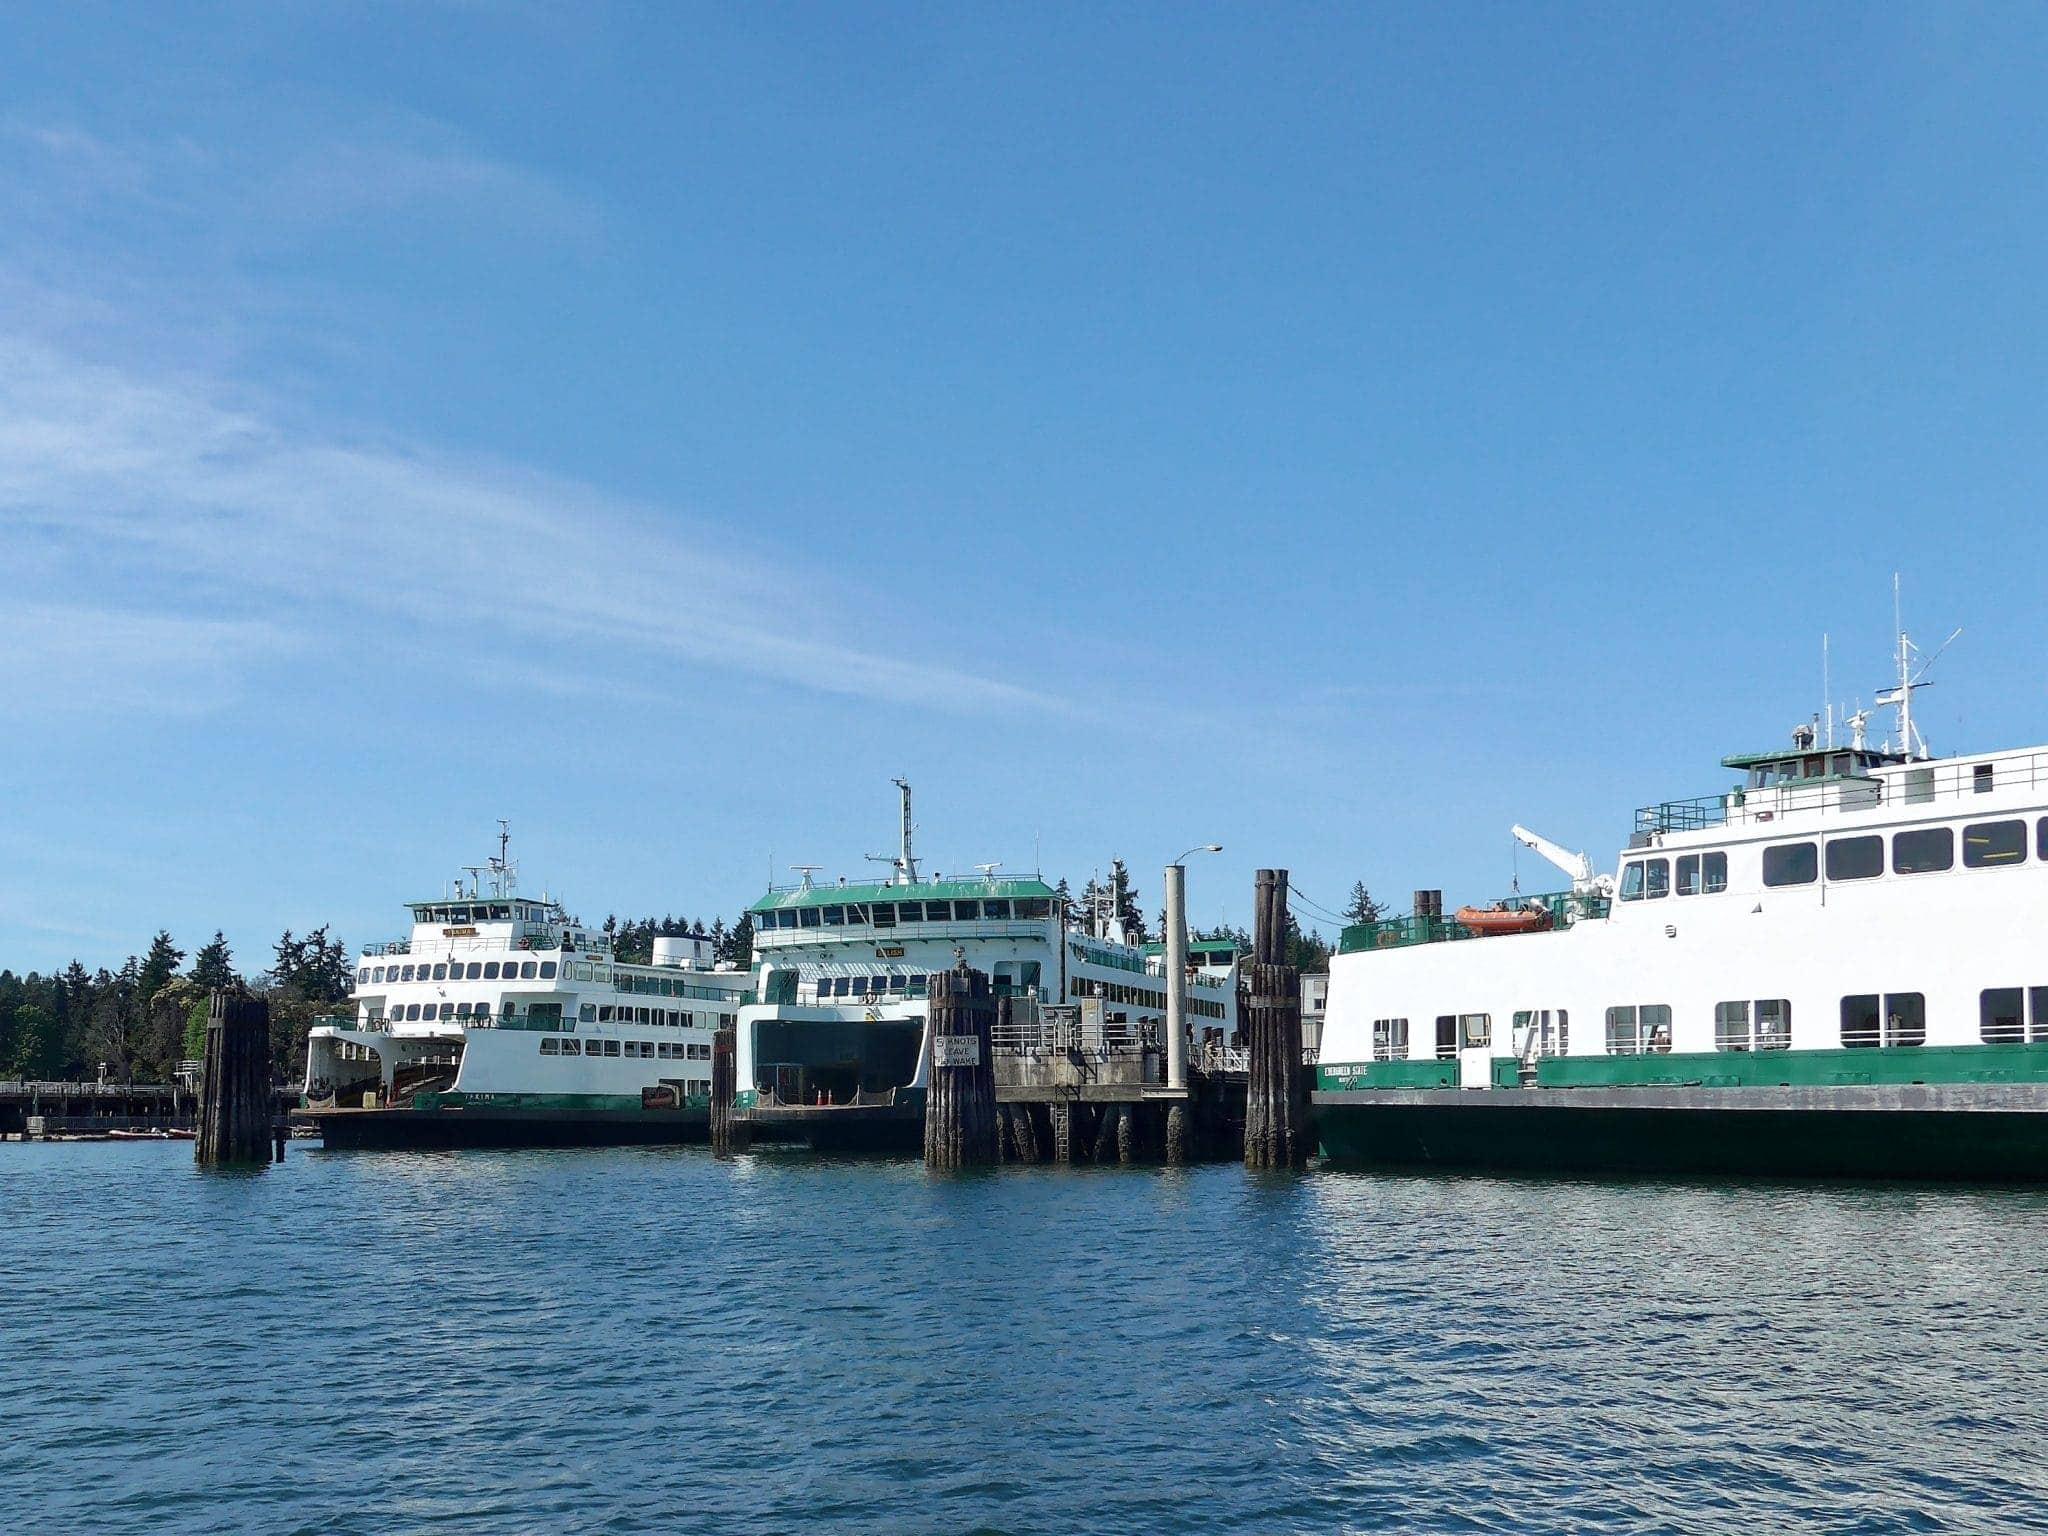 Ferries Yakima and Salish in Eagle Harbor